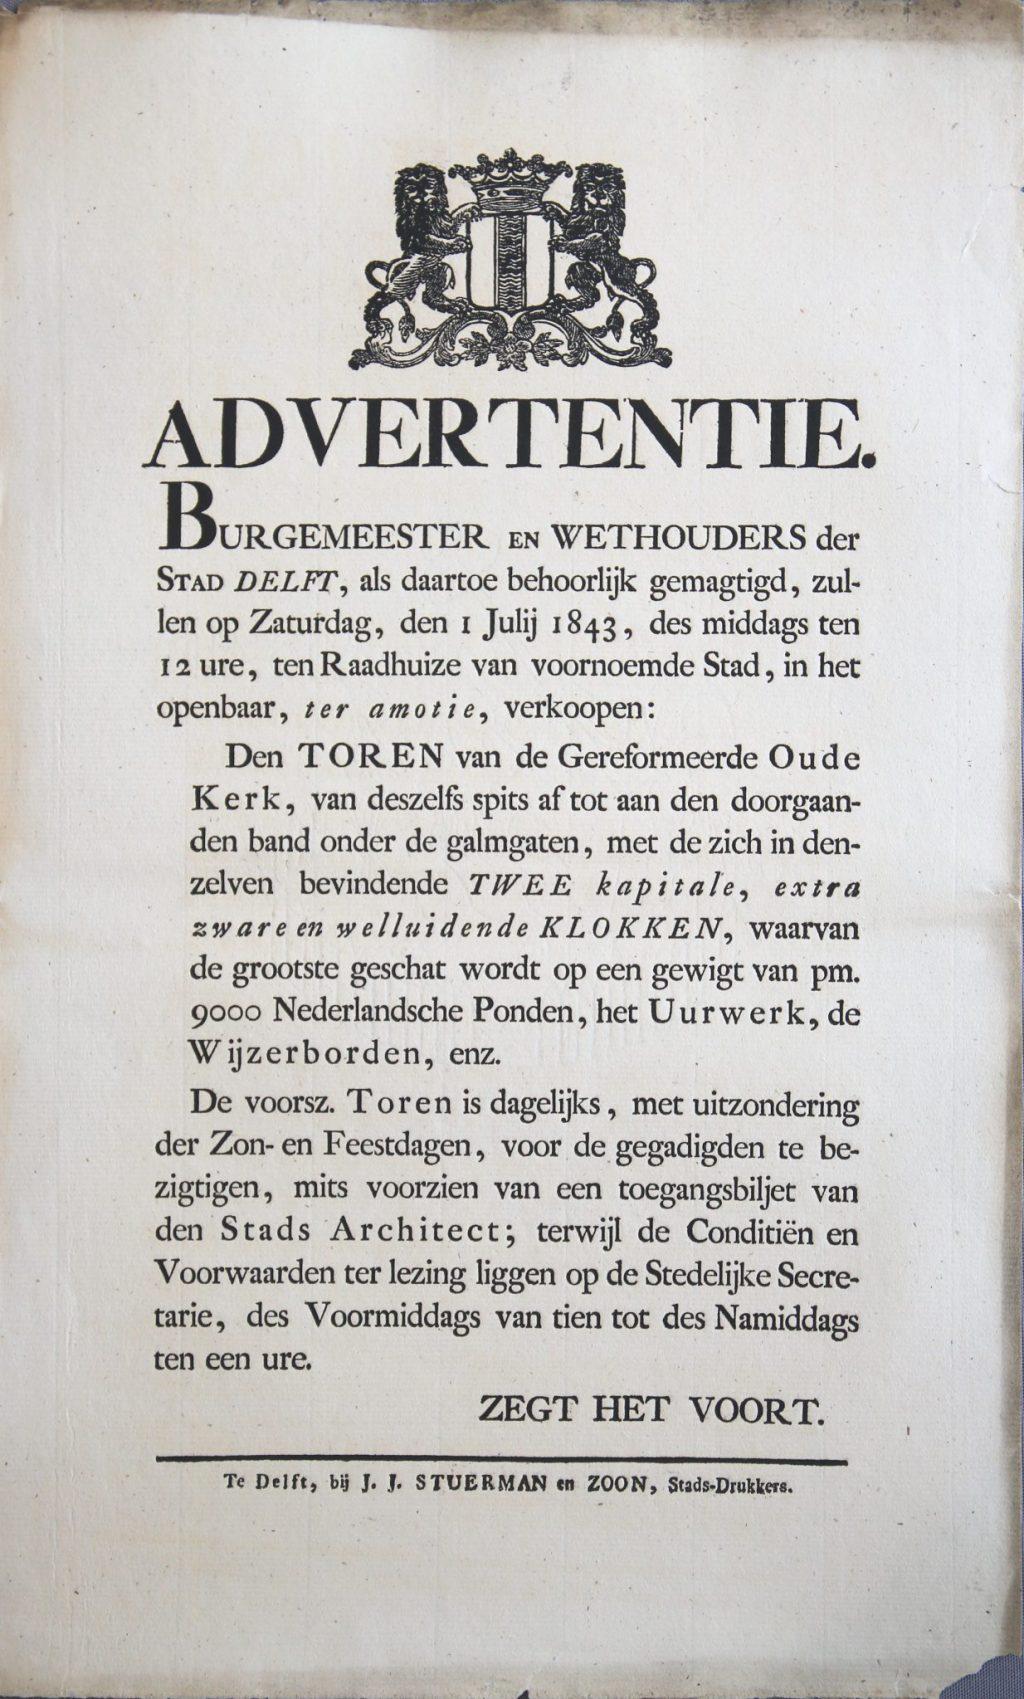 Aankondiging verkoop toren van de Oude Kerk, 1843 (Archief 598, inv.nr 1495)